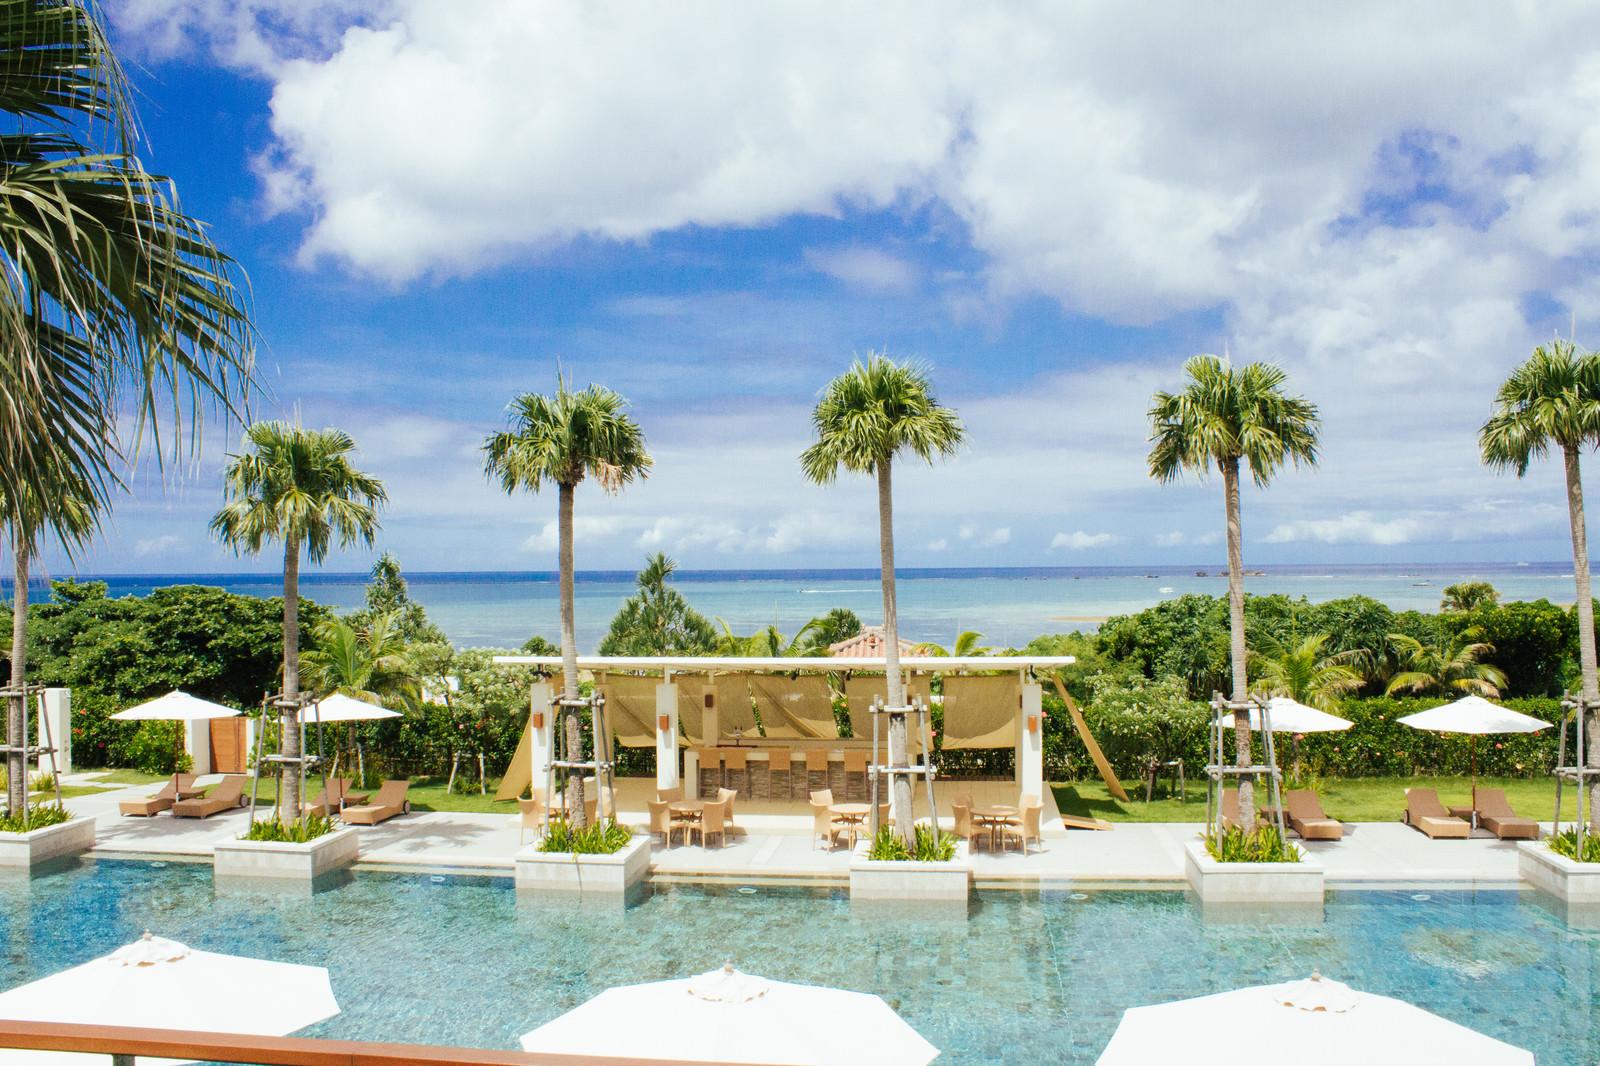 「沖縄の青い海とヤシの木が並ぶリゾート」の写真